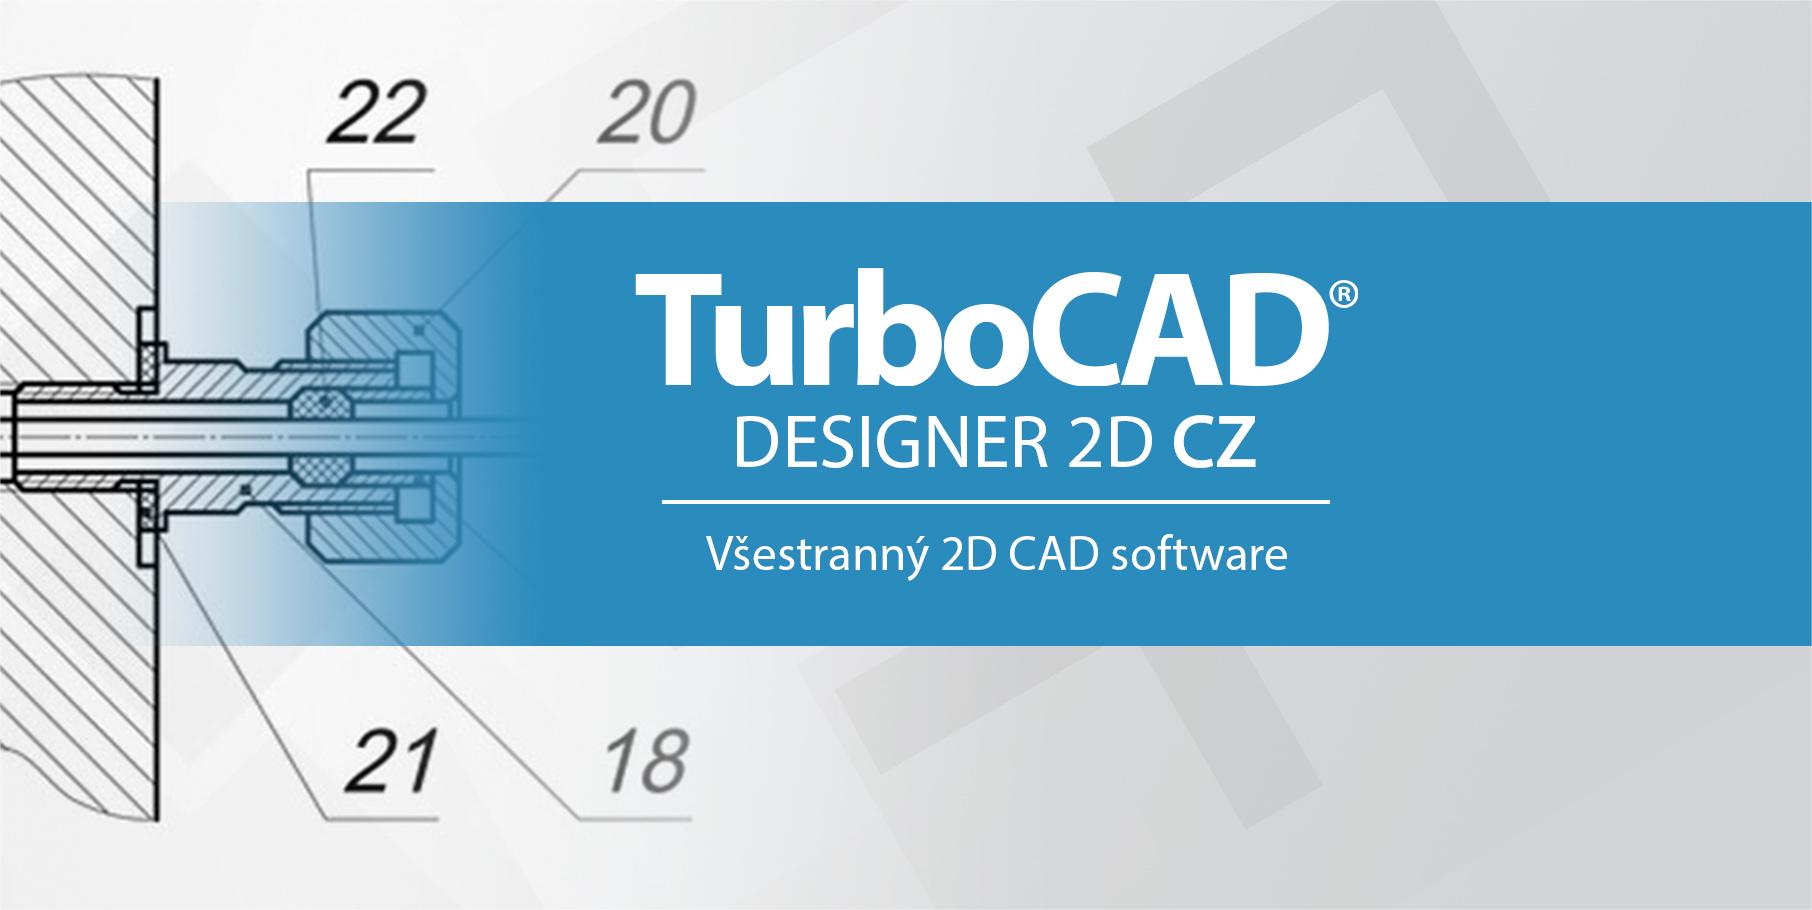 TurboCAD Designer CAD od SPINAR software pro 2D kreslenii - TurboCAD Designer 2D 27 CZ